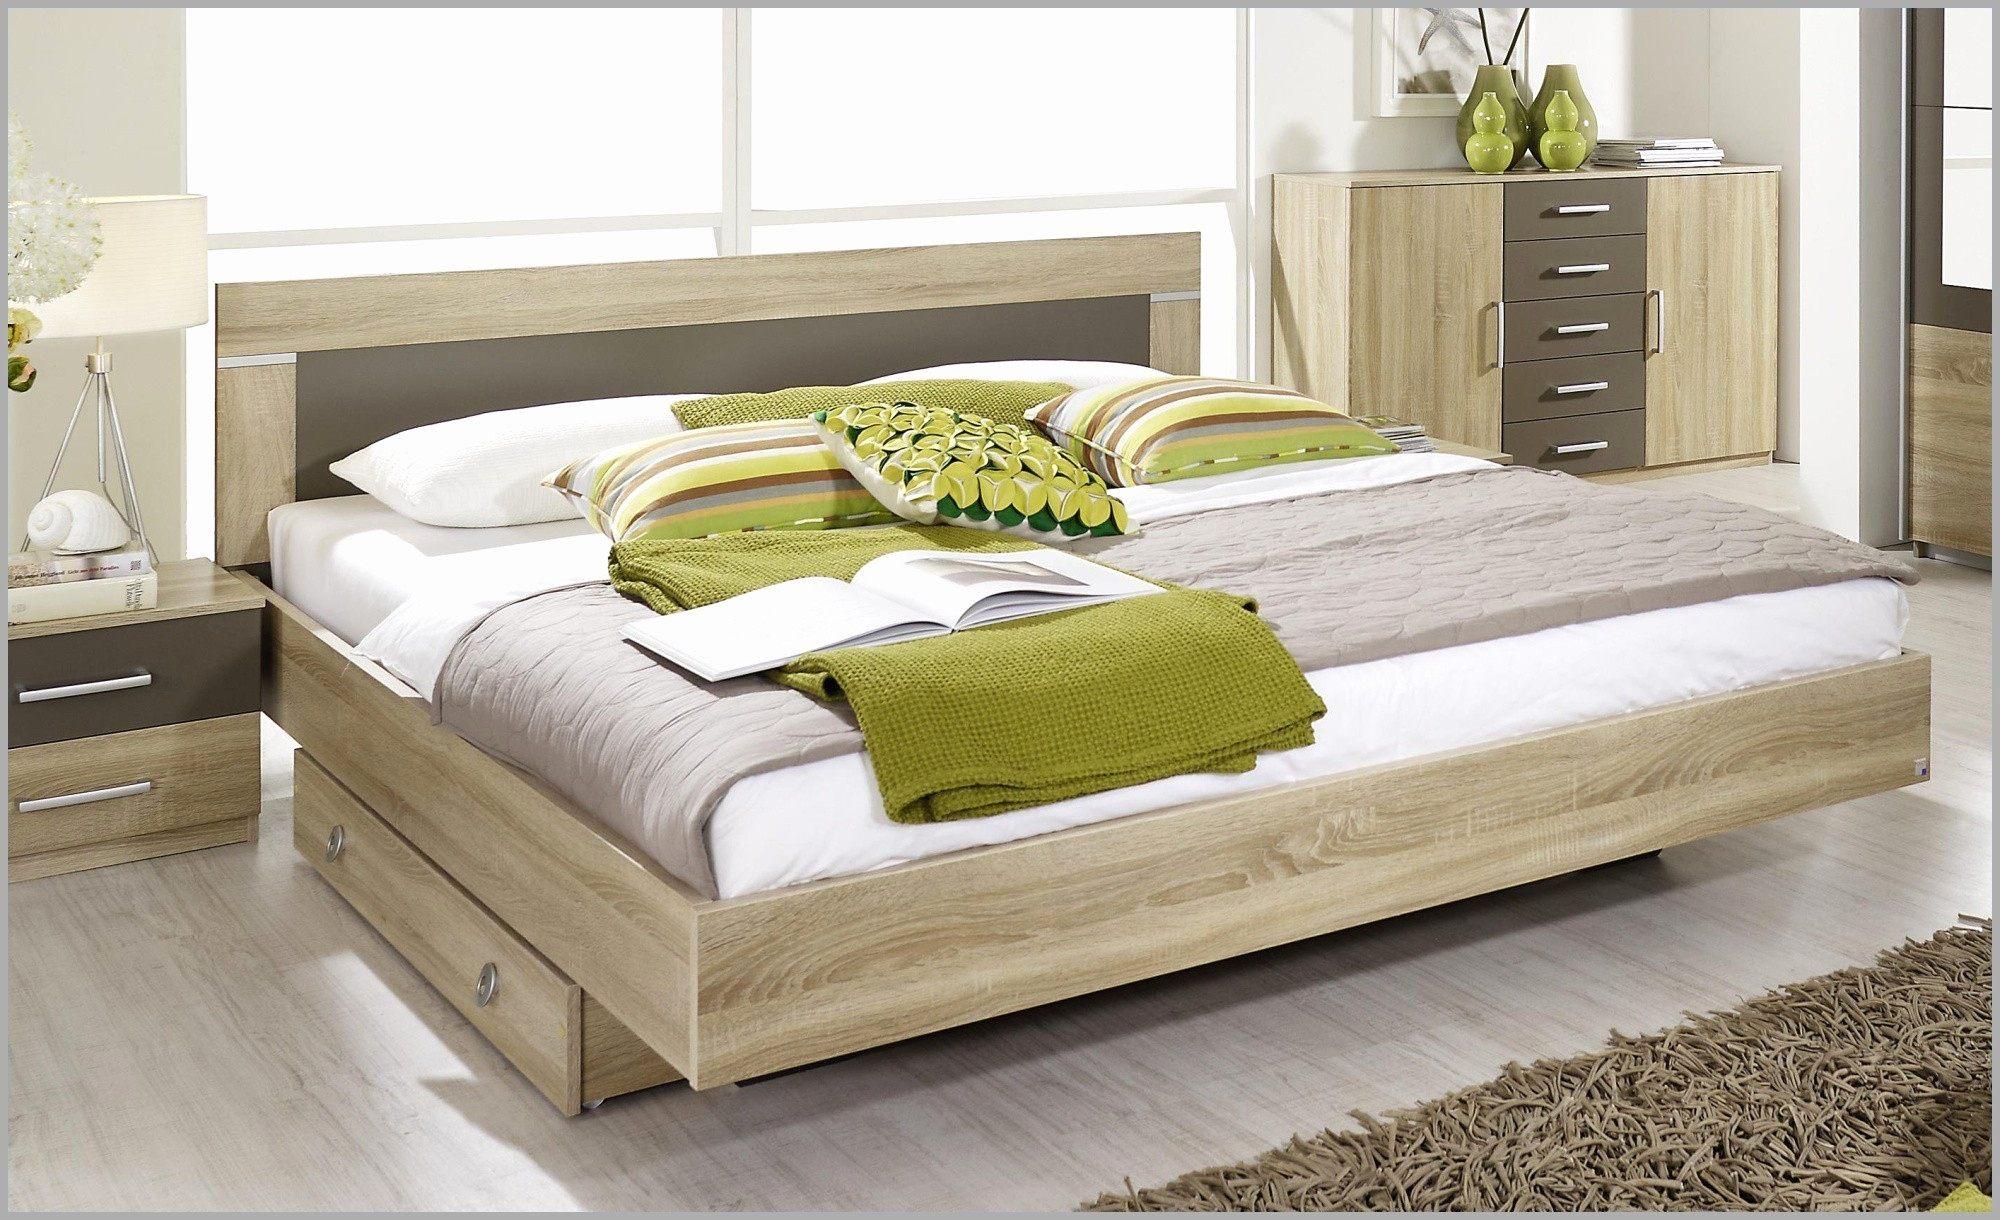 Tete De Lit Tissu Ikea Joli Tete De Lit 200 Tissu Tete De Lit Ikea 180 Fauteuil Salon Ikea Fresh